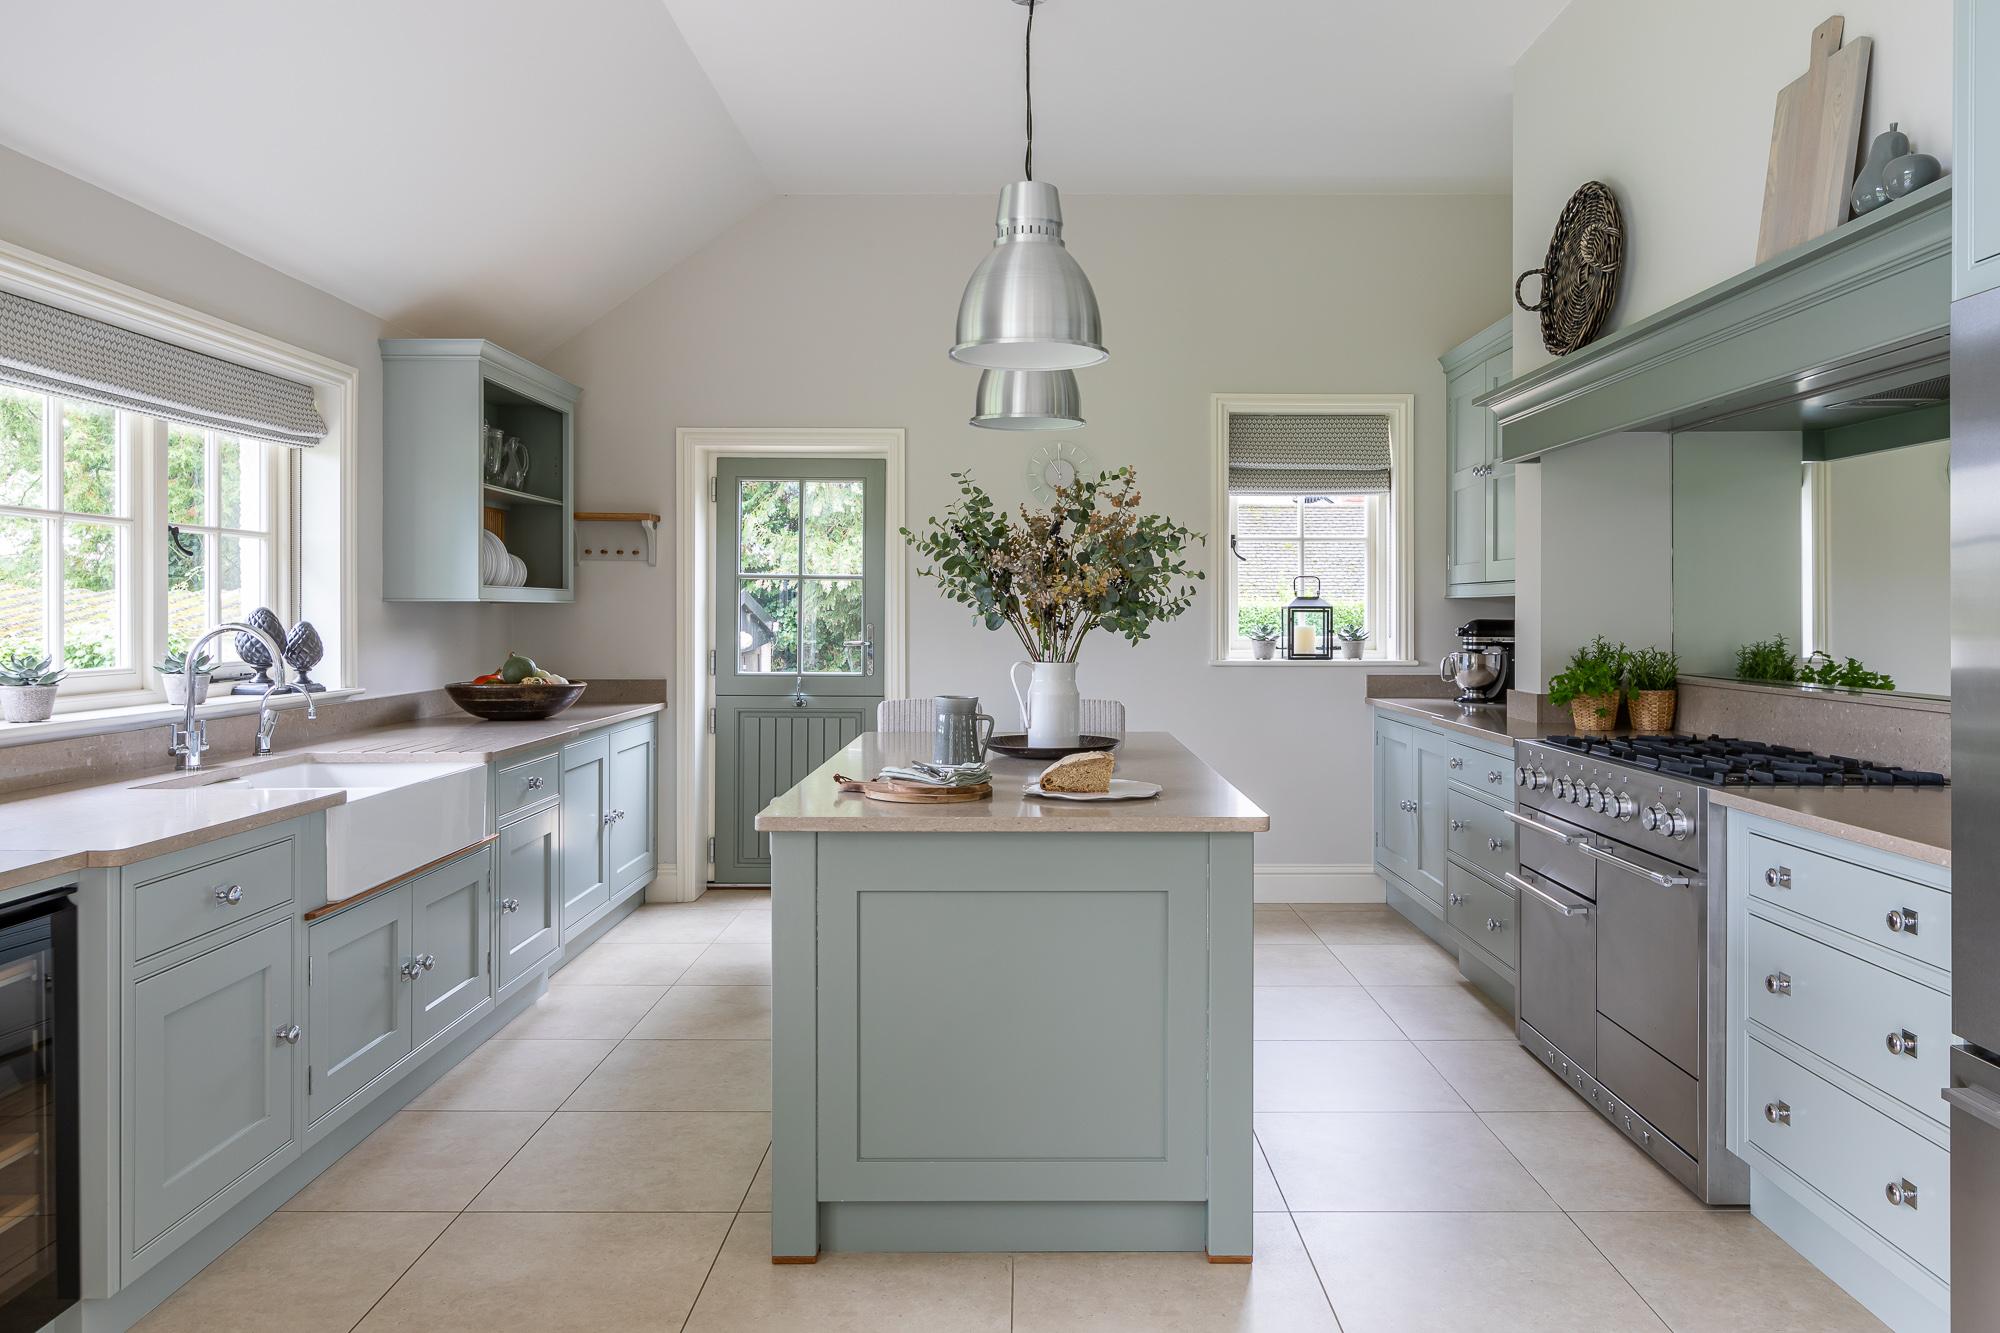 jonathan bond, interior photographer, kitchen, great missenden, buckinghamshire